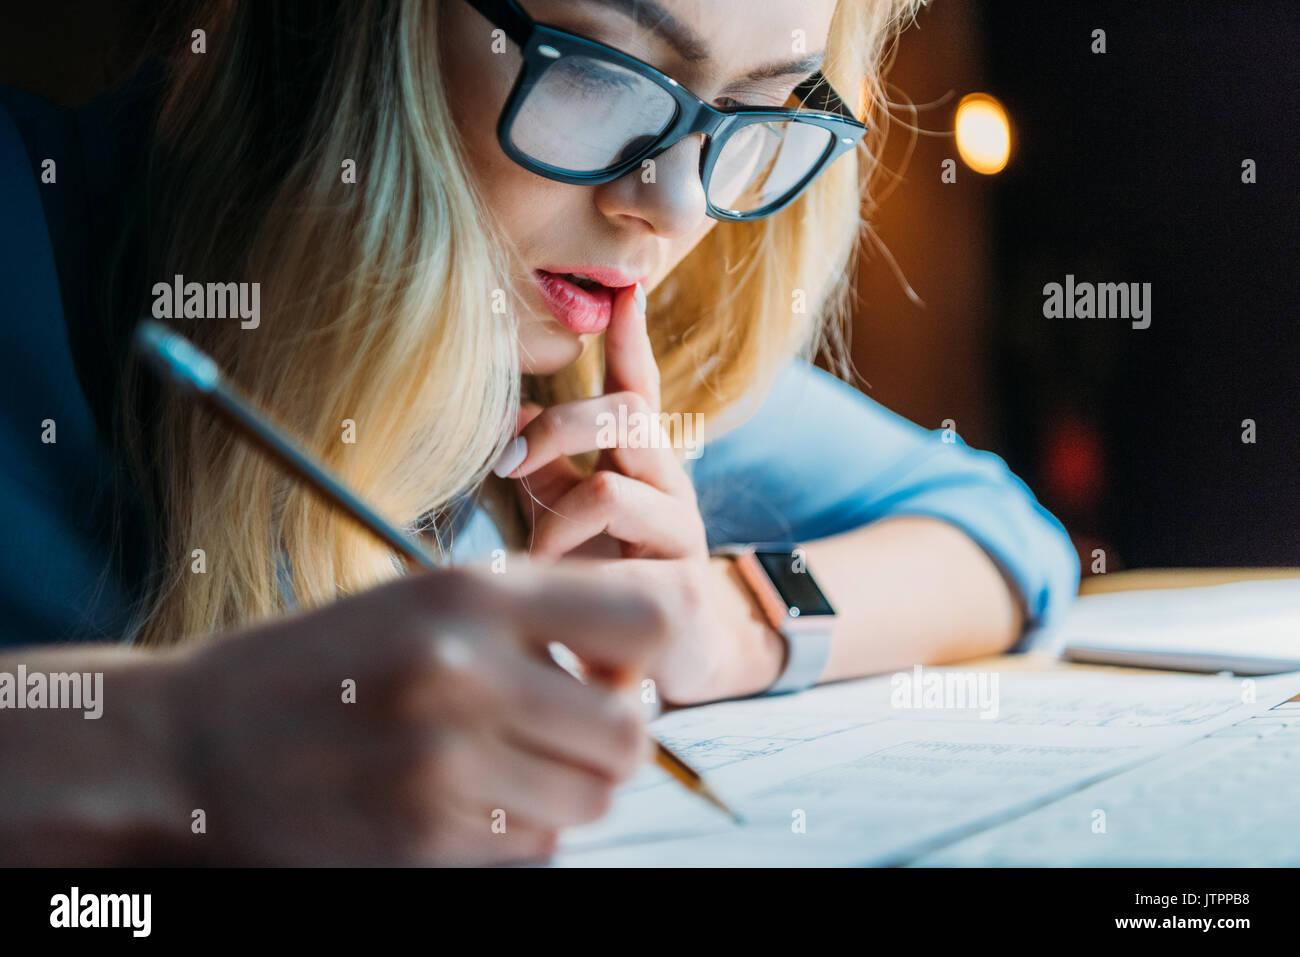 Junge blonde kaukasischen Student in Brillen denken und etwas Schreiben mit Bleistift, Studieren bis spät Stockbild